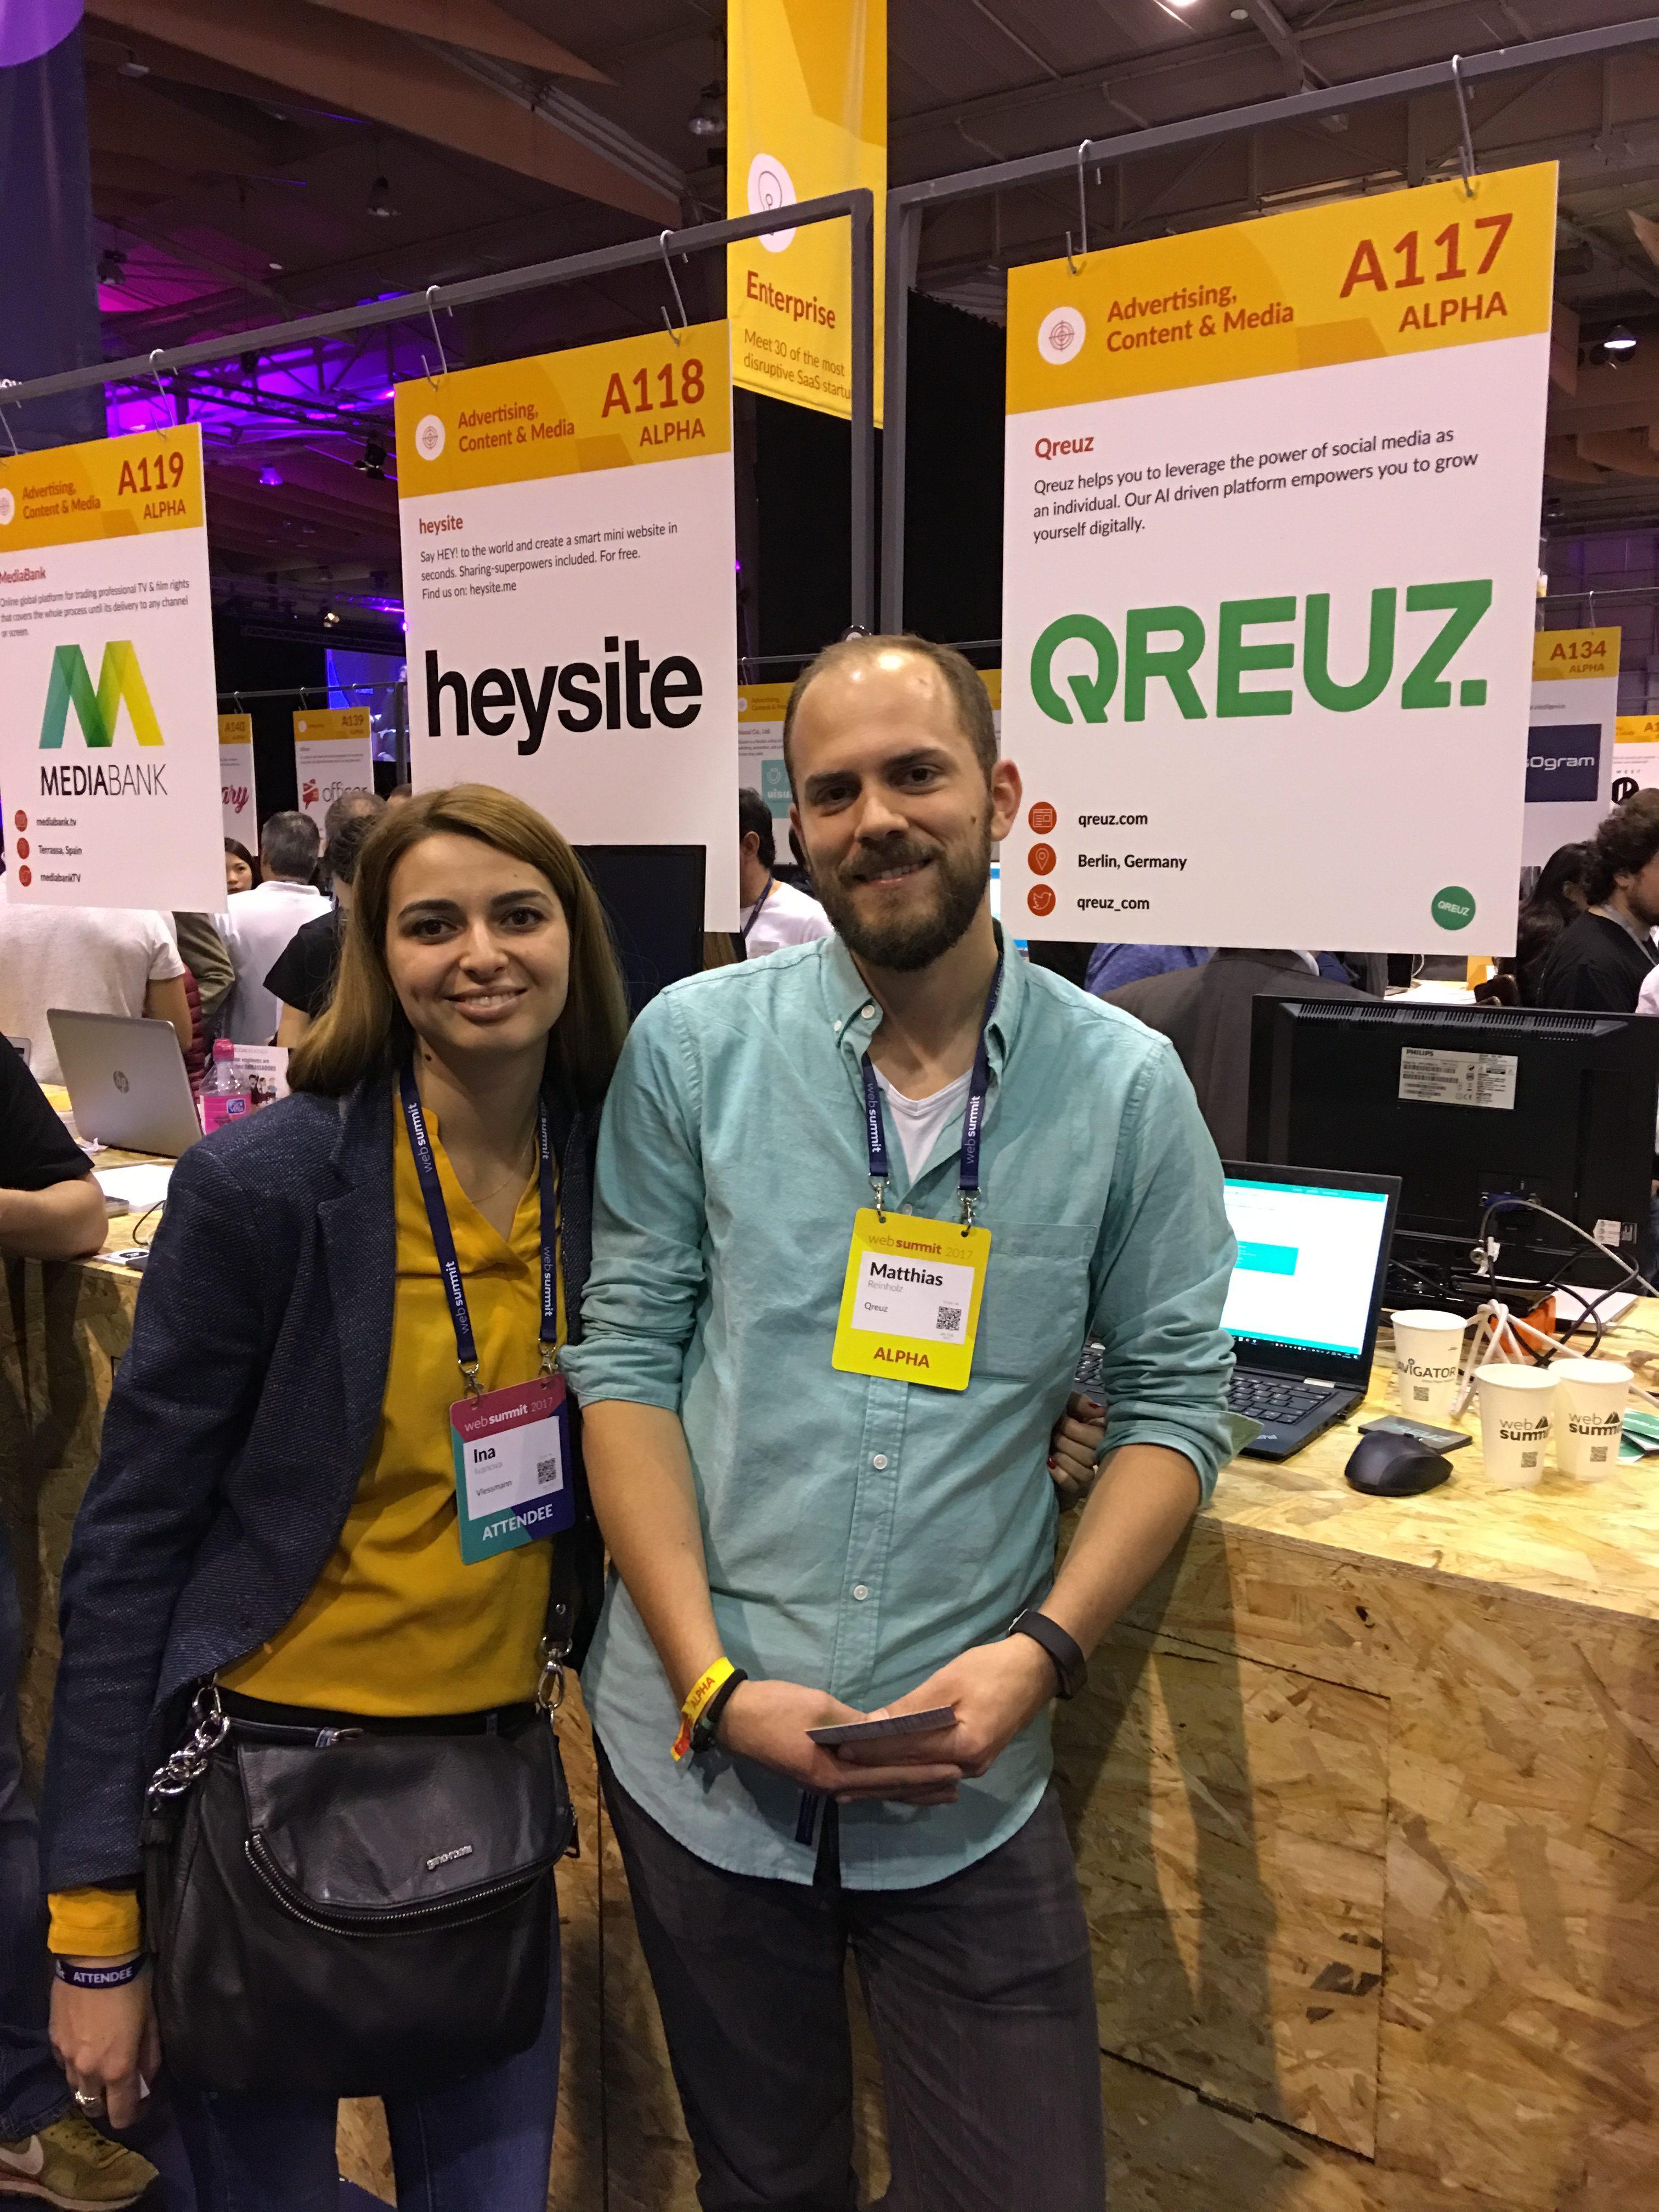 Das Start-up Qreuz ist zufrieden mit der Investition in den Stand